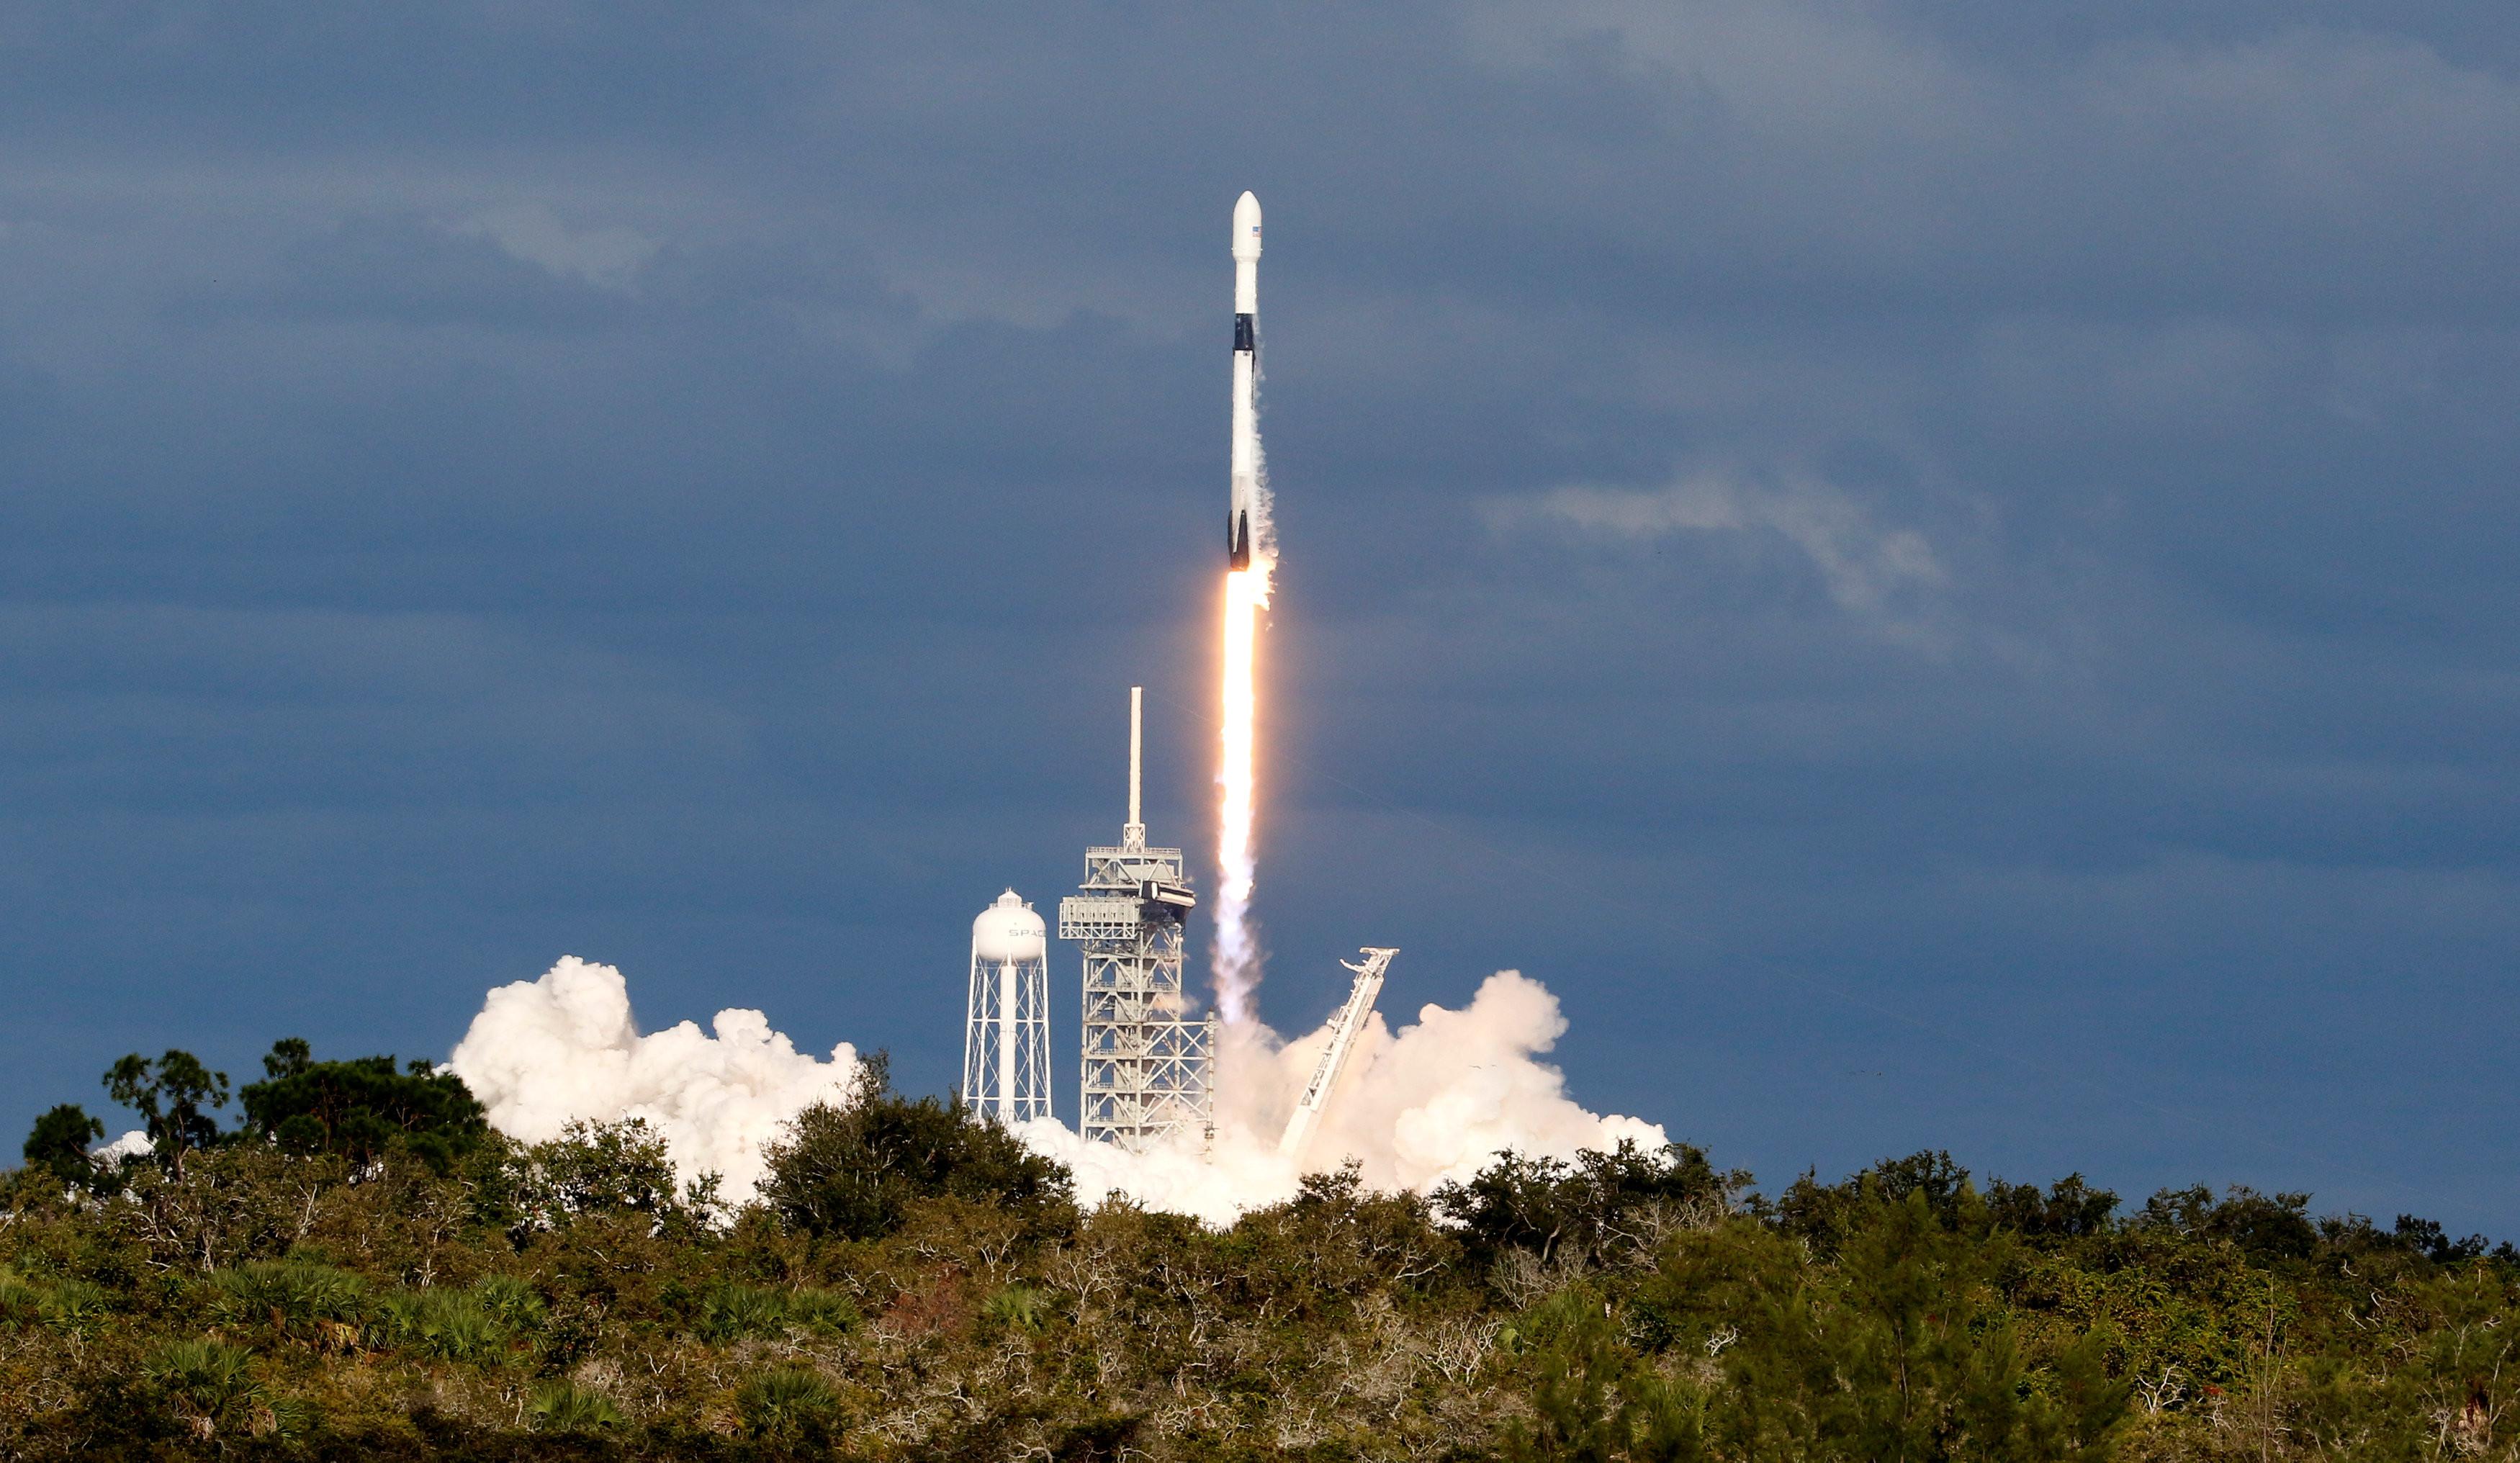 ▲美國太空探索技術公司「SpaceX」今年11月發射「獵鷹9號」(Falcon 9)火箭。(圖/路透社)